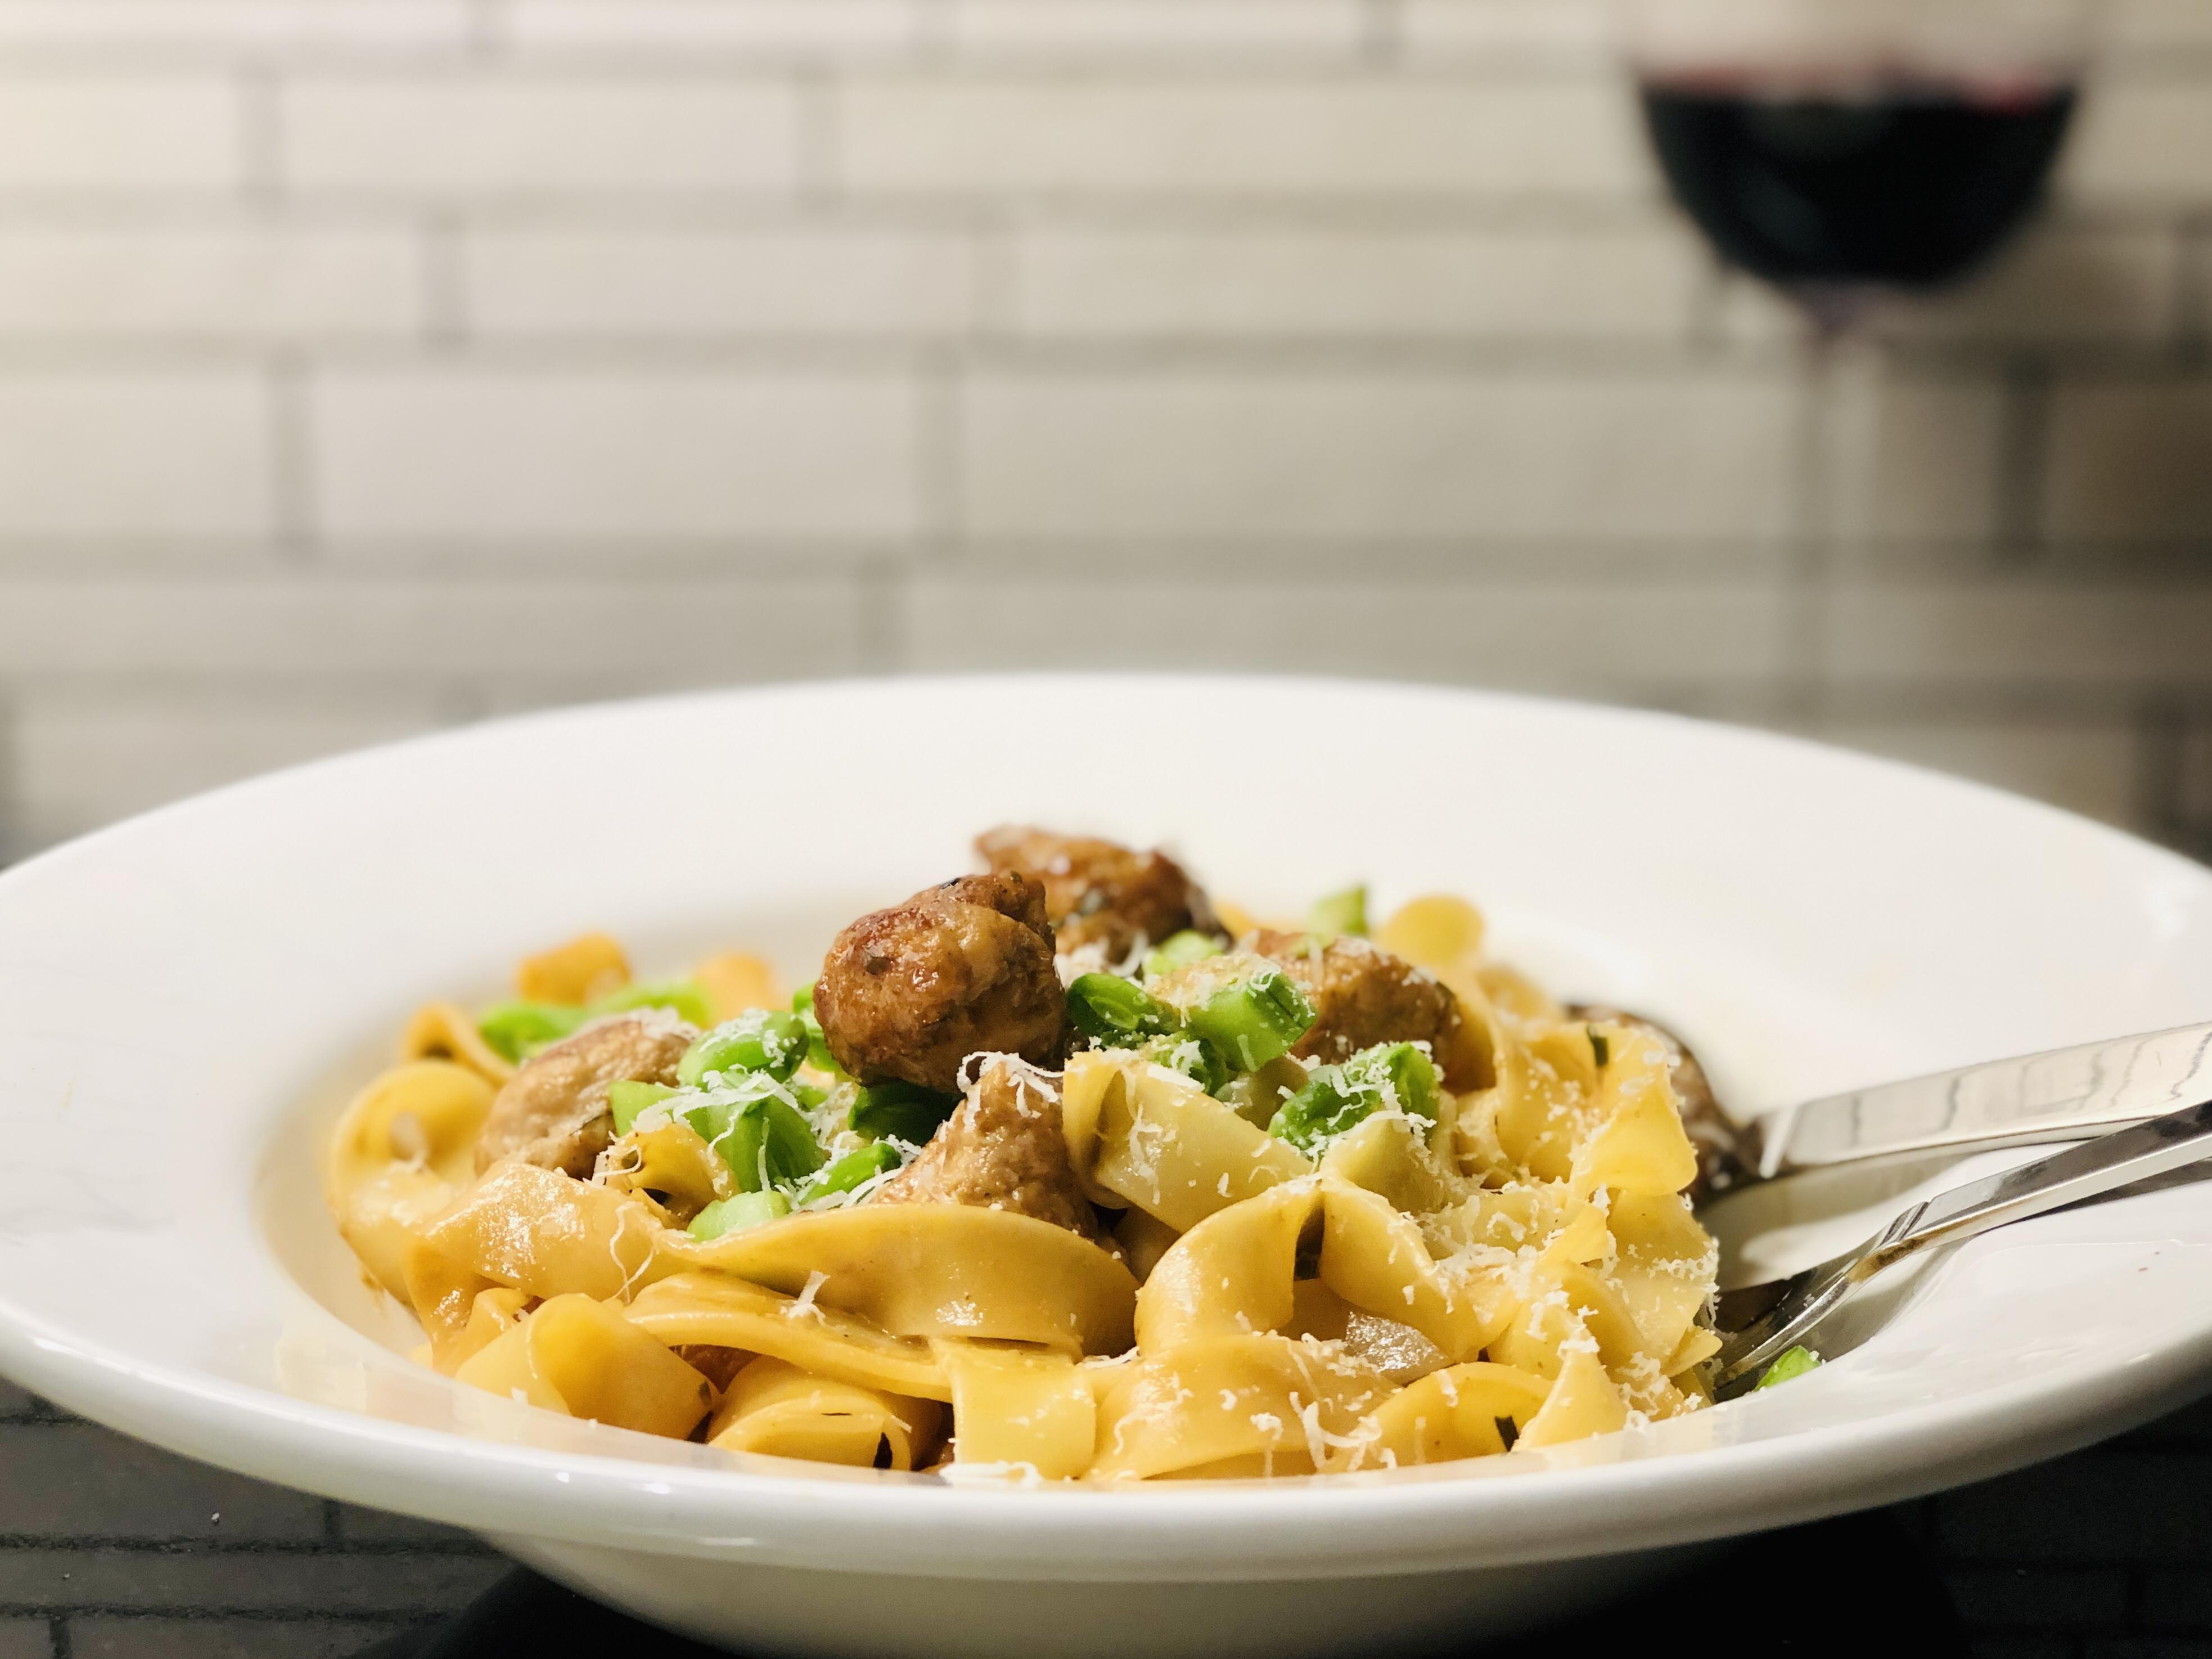 Kyckling köttbullar recept krämig pasta dragon dijon senap parmesan